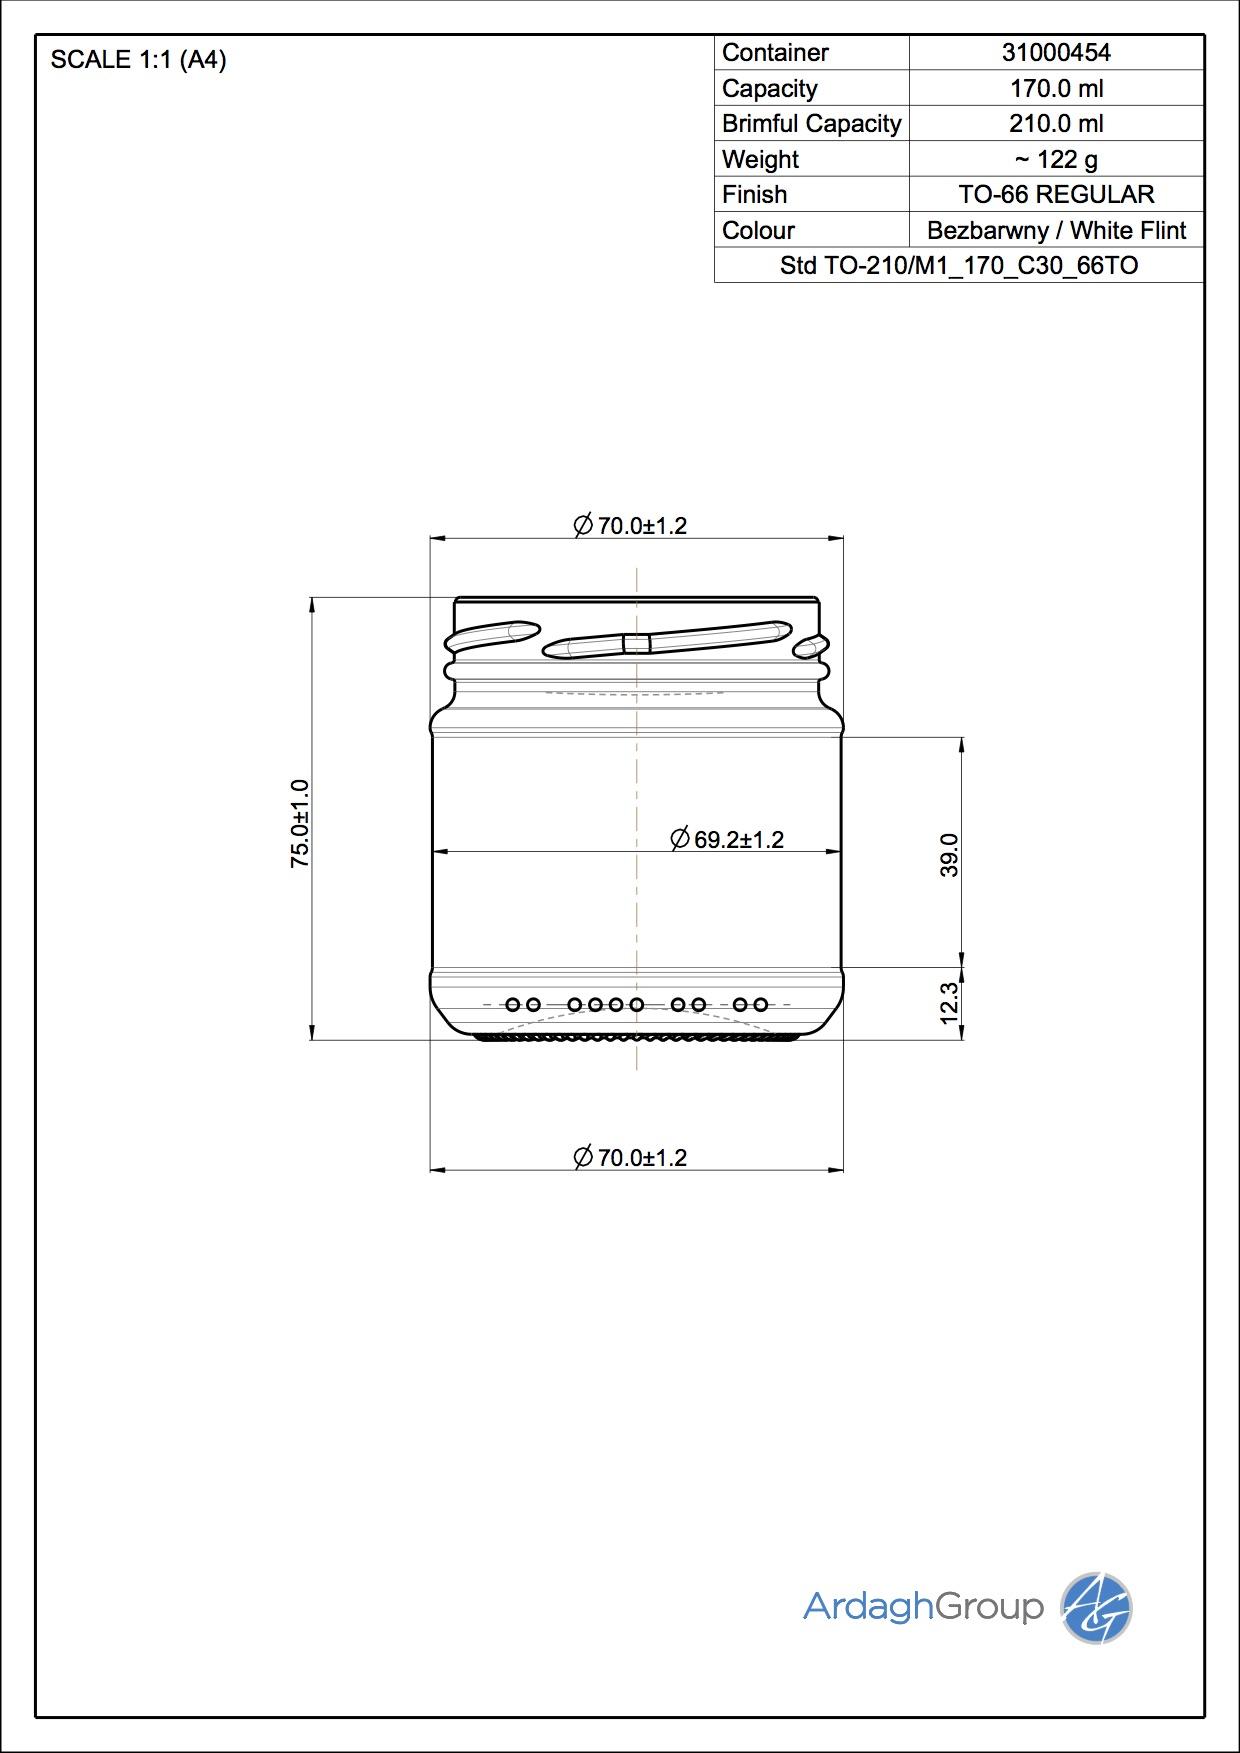 Std TO-210/M1 170 C30 66TO